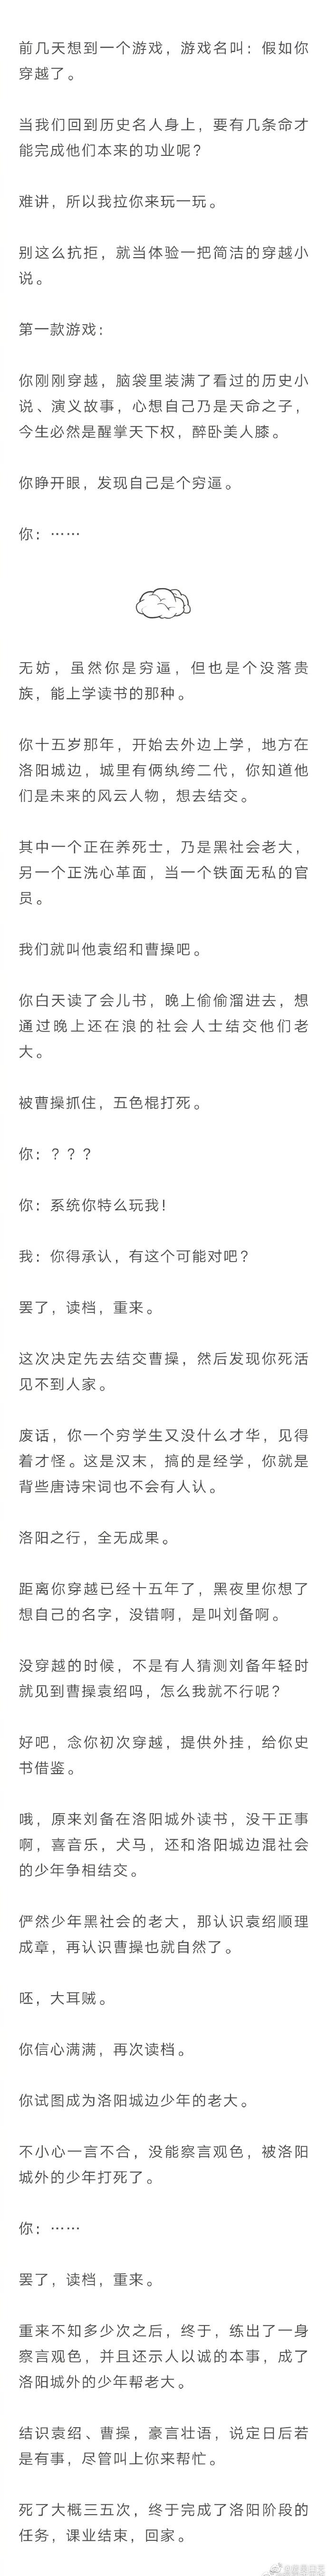 假如刘备是穿越者